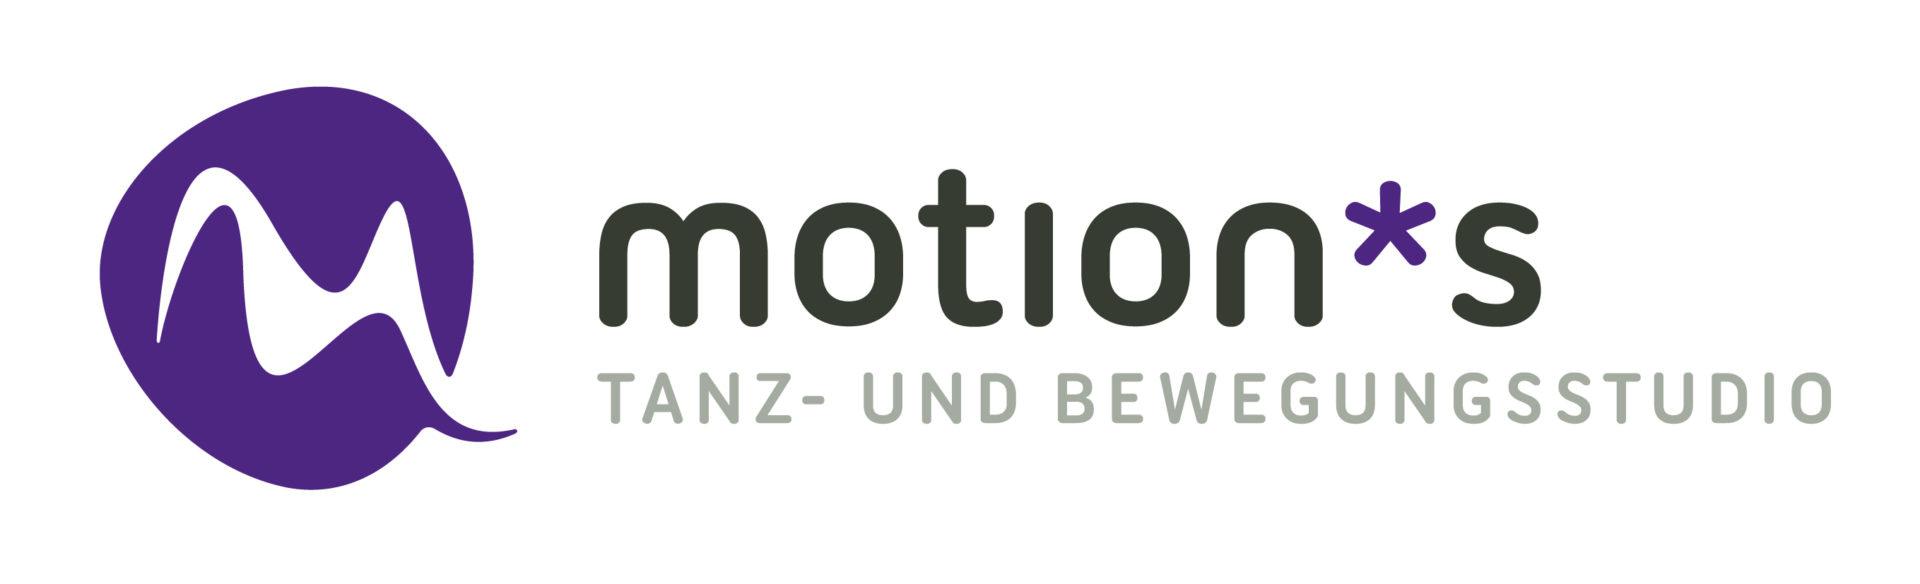 motion*s Tanz- und Bewegungsstudio